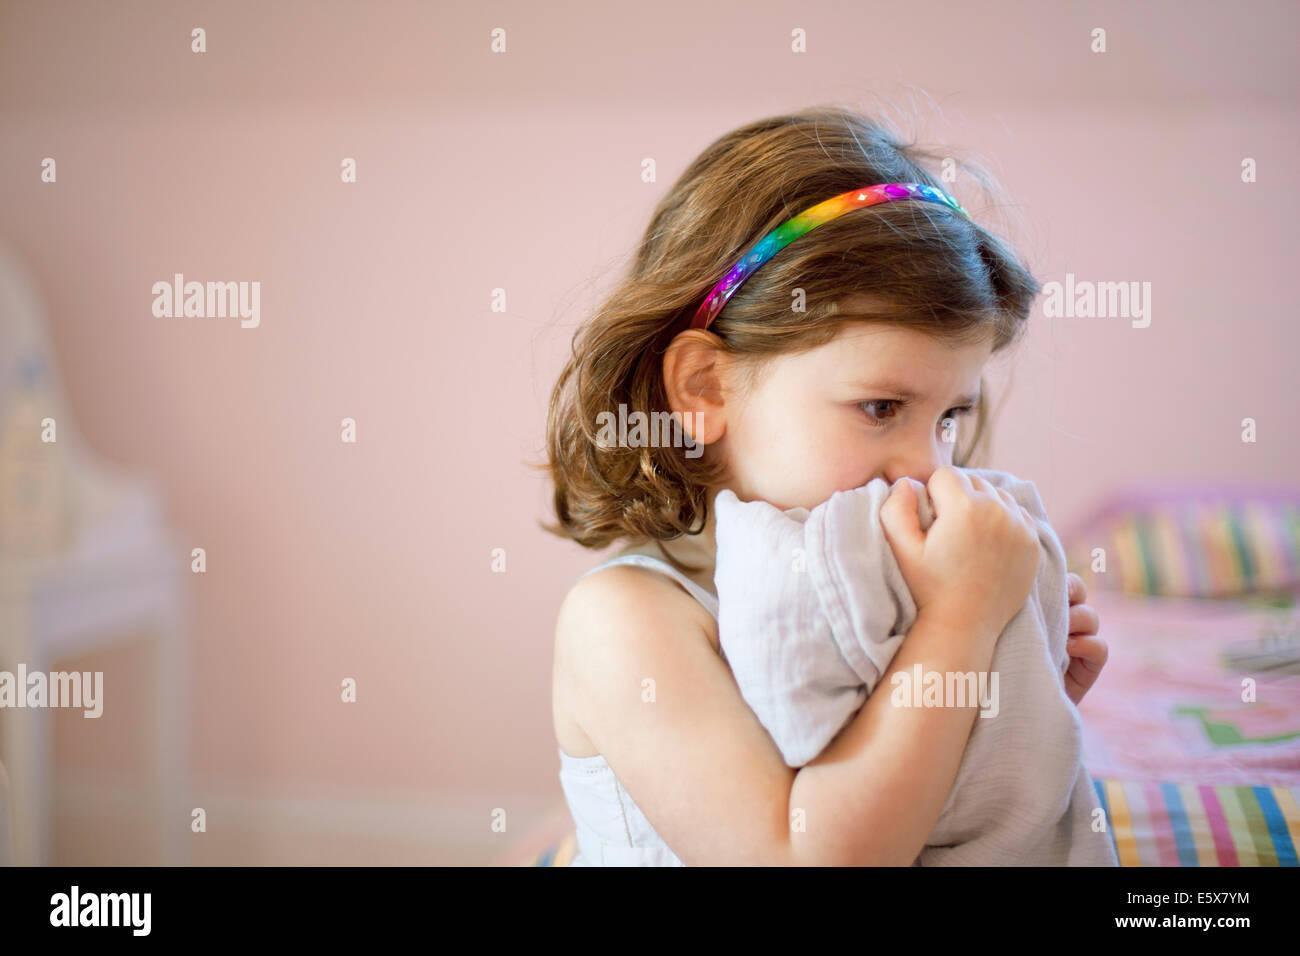 Malheureux fillette de trois ans dans la chambre maintenant pour faire face à une couverture confort Photo Stock